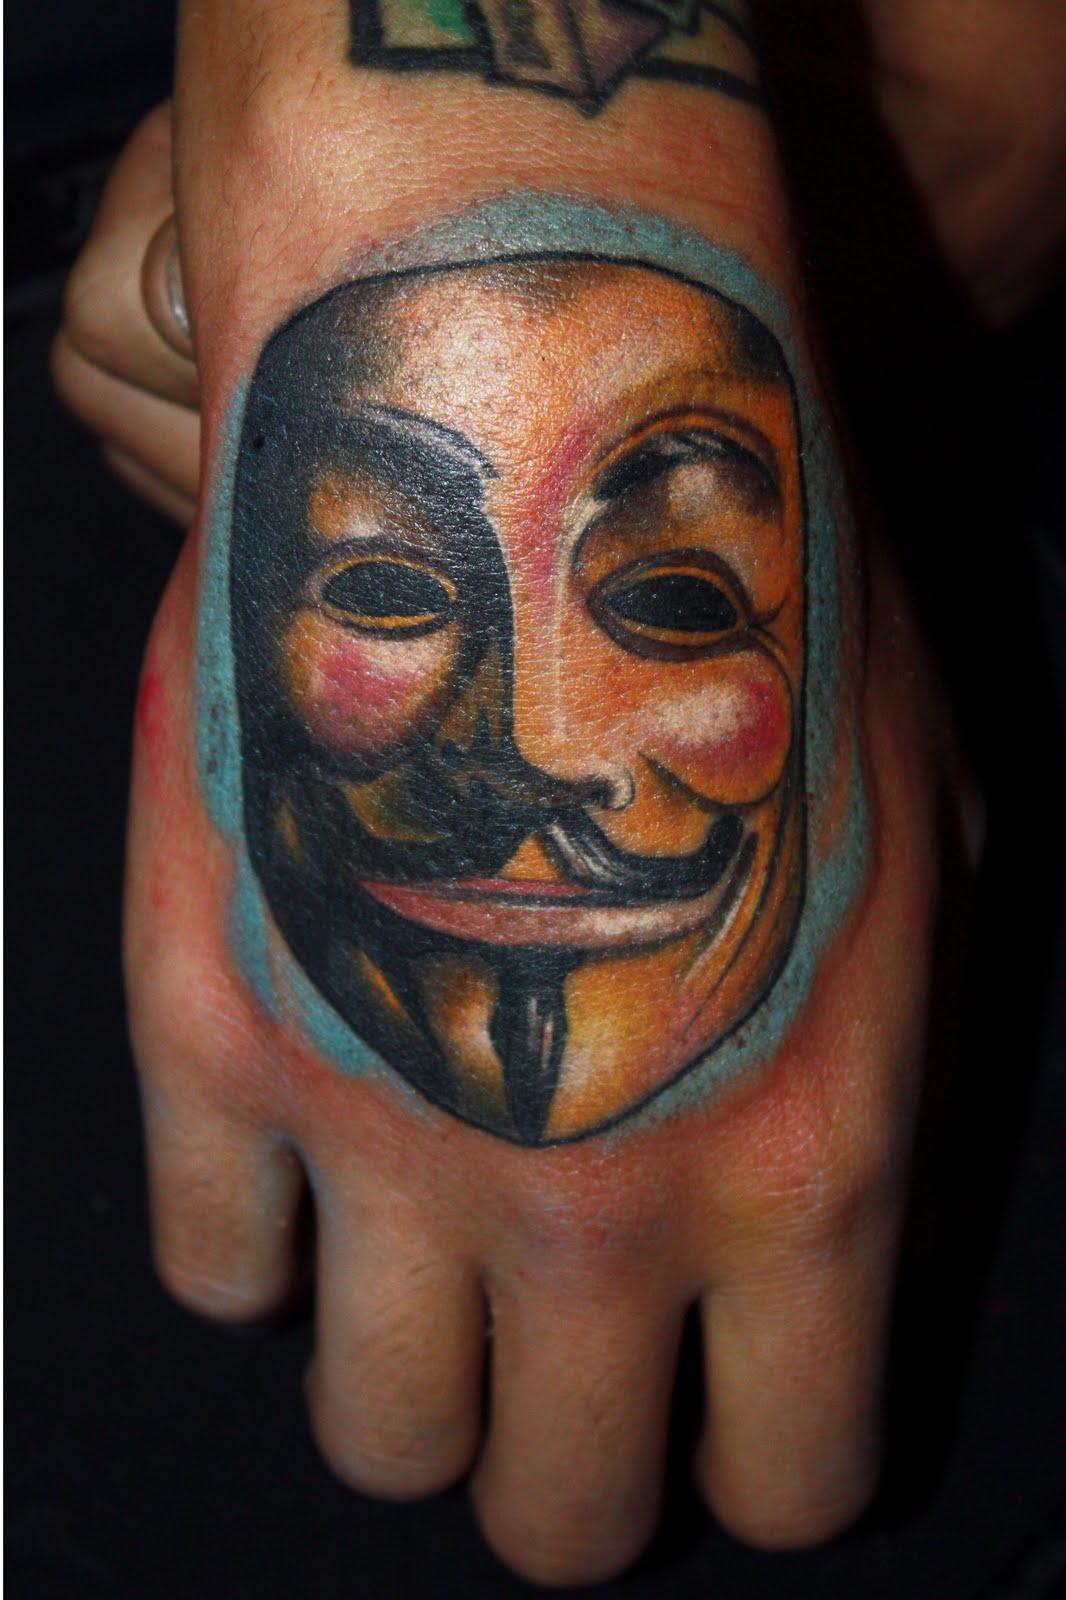 Mask of V hand tattoo - | TattooMagz › Tattoo Designs ...